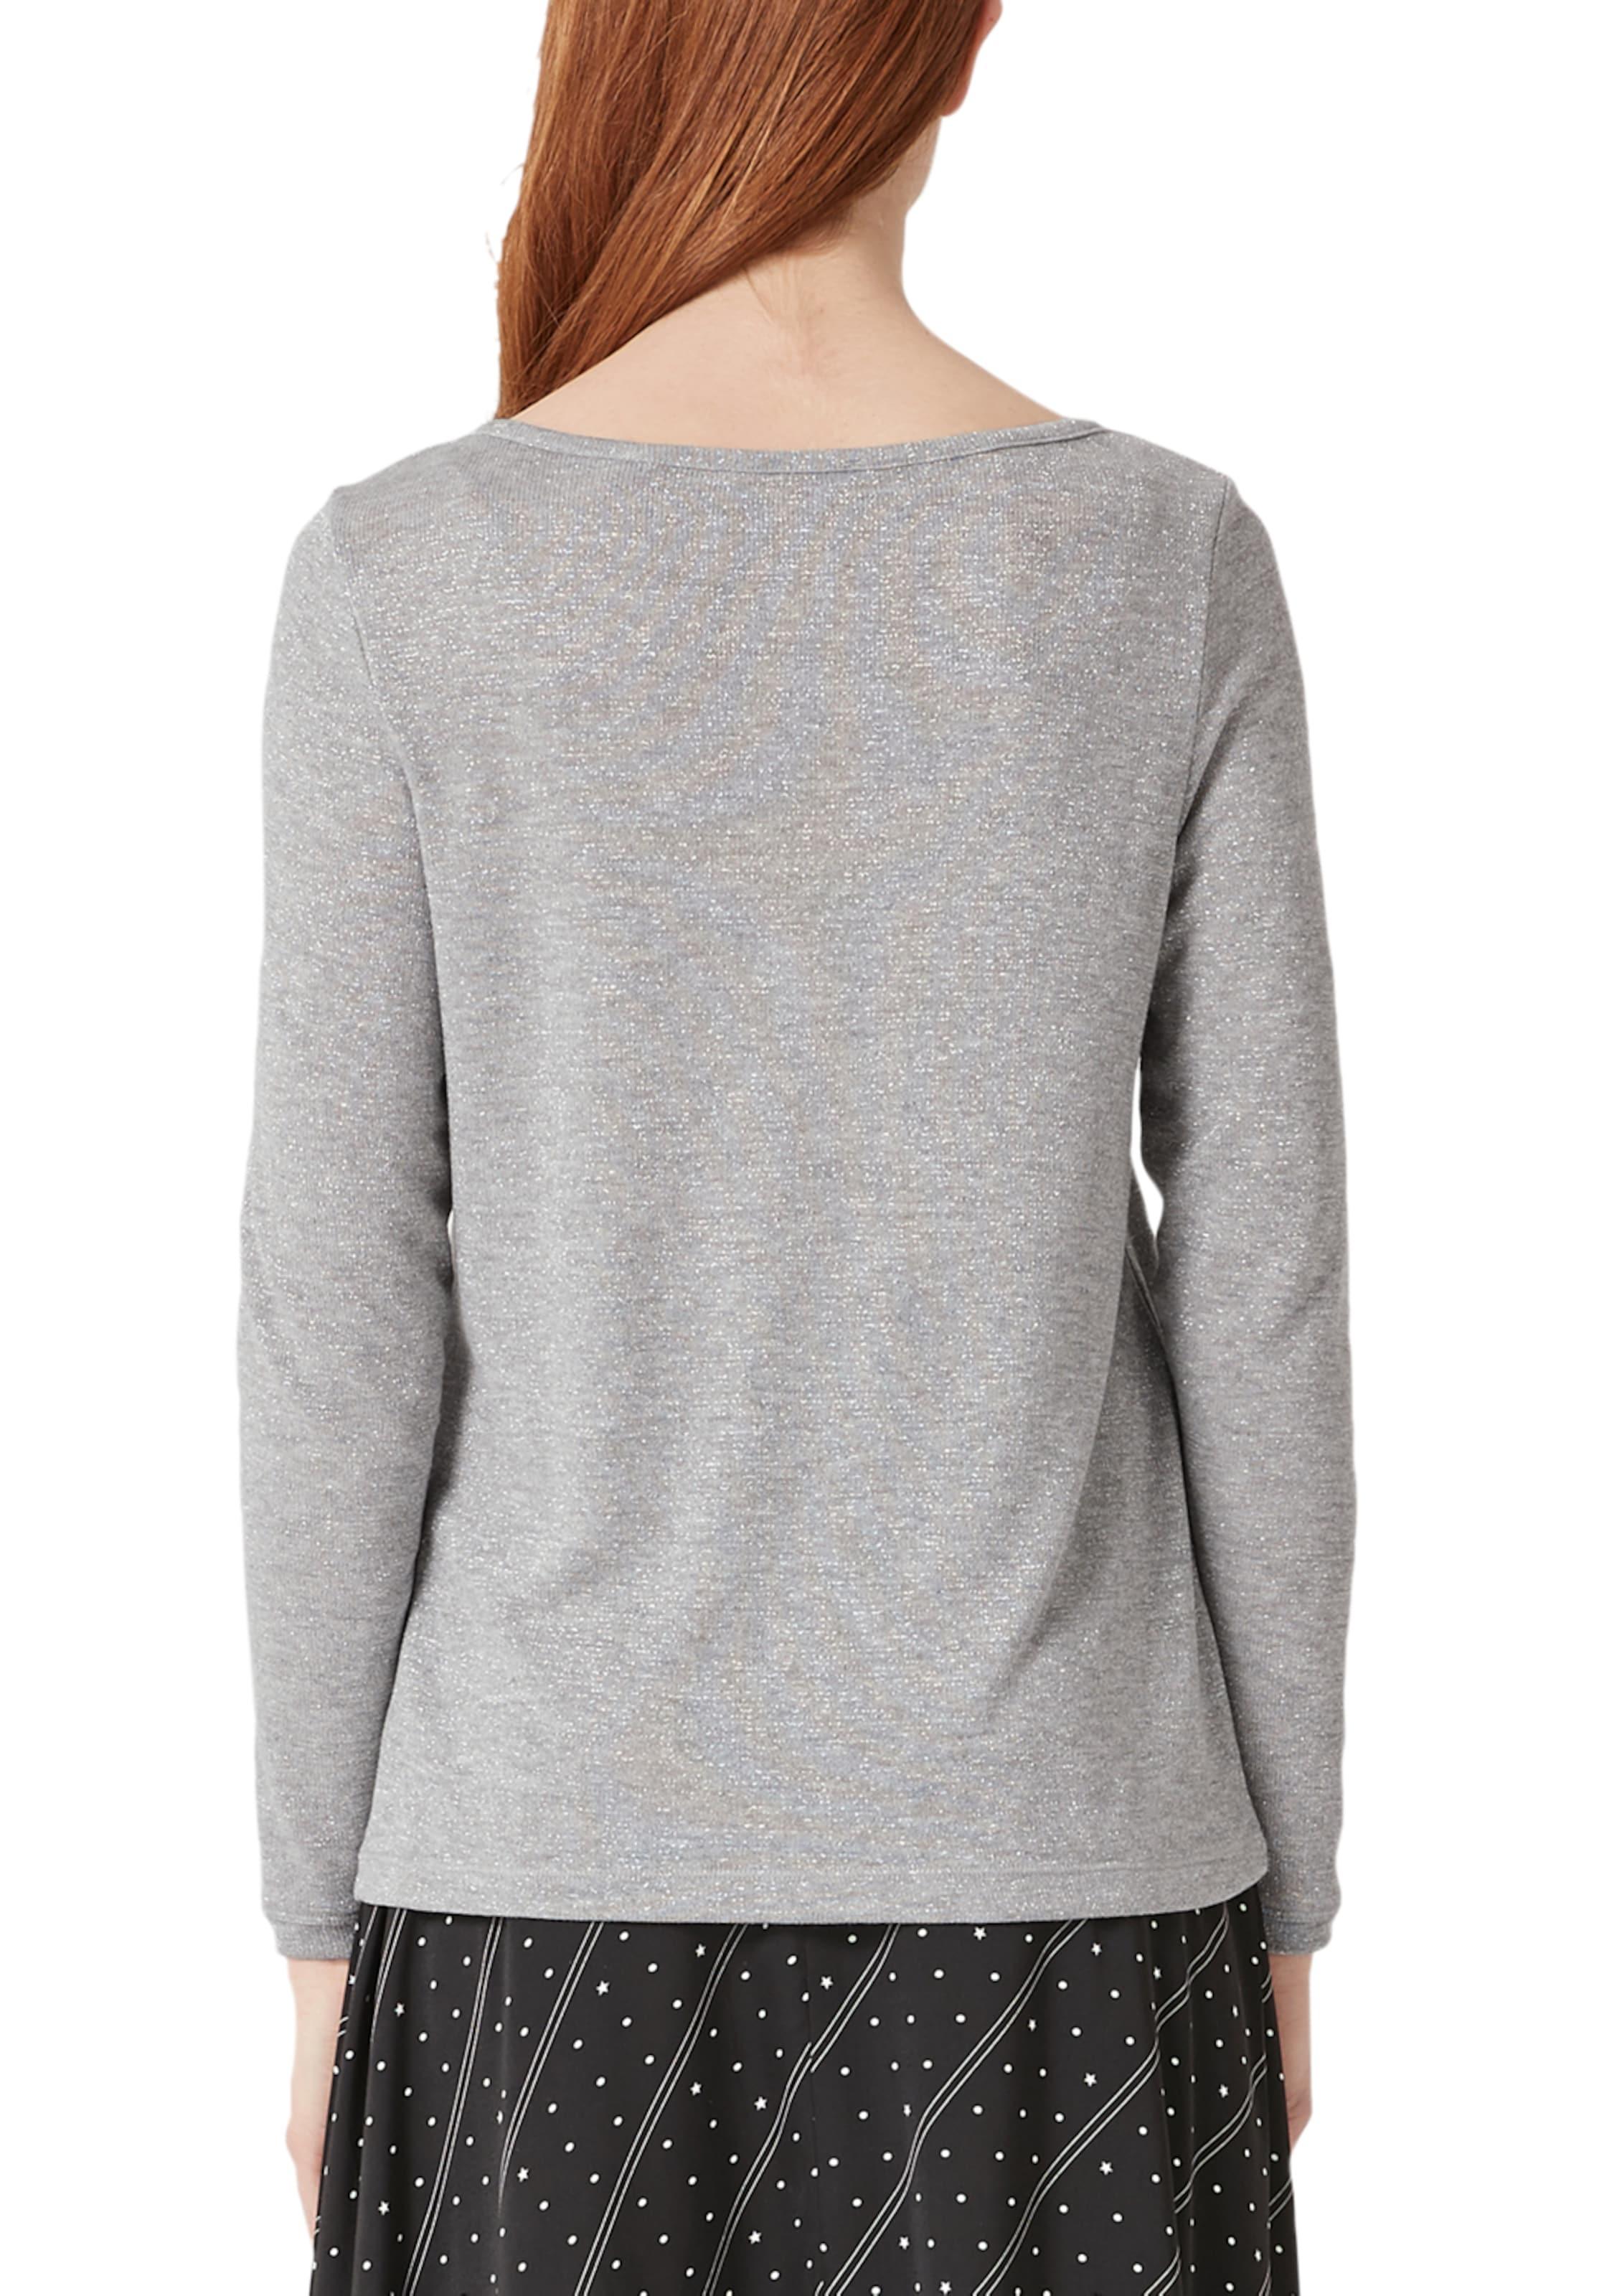 Shirt S S Shirt S In oliver Shirt oliver oliver Grau Grau In In RAj5L4